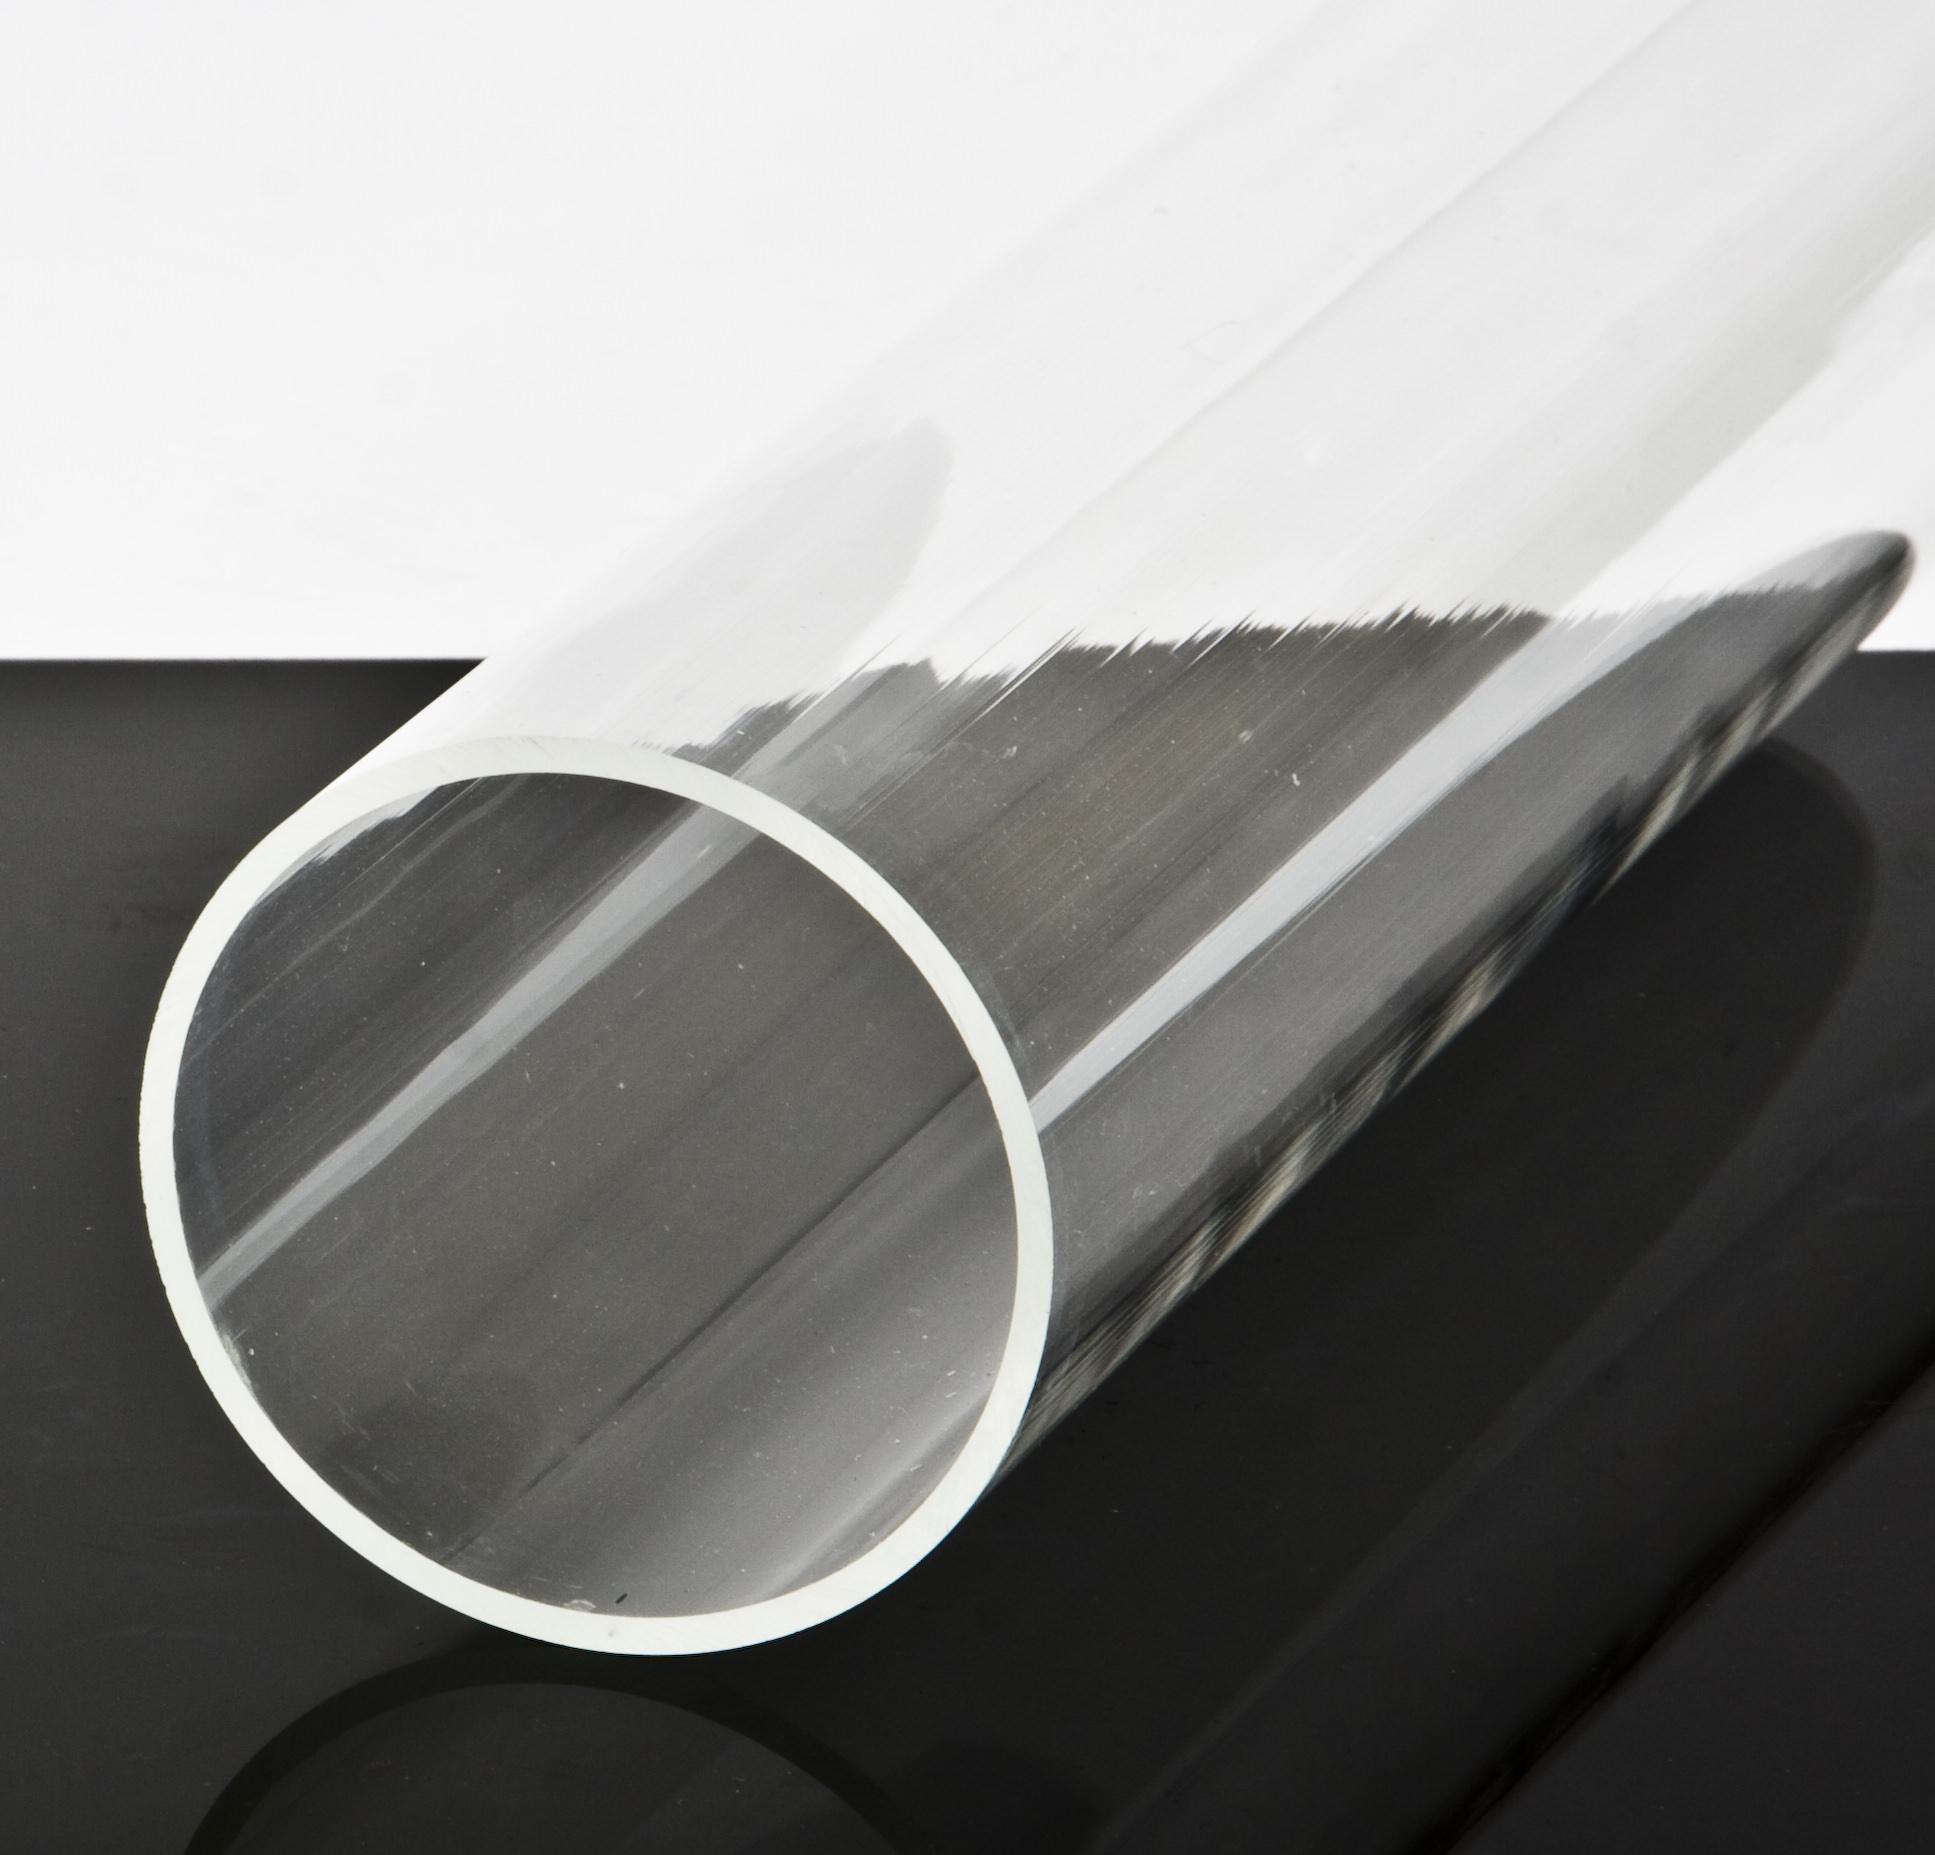 preishit restposten plexiglas rohr acrylrohr d 50 80 mm l 65 67 cm ebay. Black Bedroom Furniture Sets. Home Design Ideas